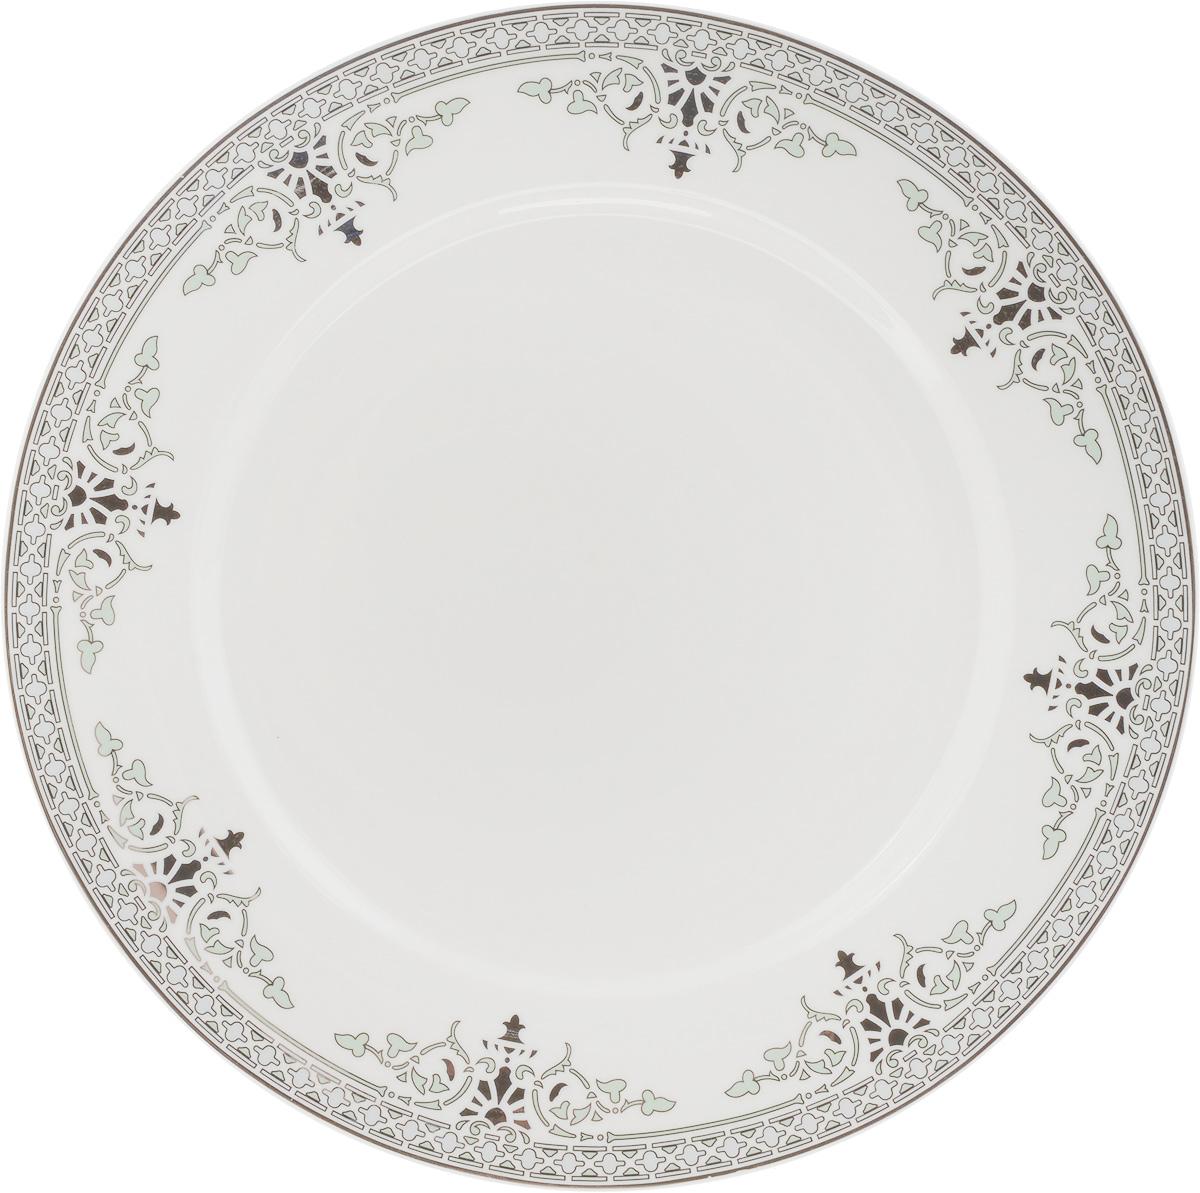 Тарелка подстановочная Венеция, диаметр 27 см216687Тарелка Венеция изготовлена из глазурованного фарфора. Подстановочная тарелка - это особый вид тарелок. Обычно она выполняет исключительно декоративную функцию.Такая тарелка изысканно украсит сервировку как обеденного, так и праздничного стола. Диаметр тарелки: 27 см.